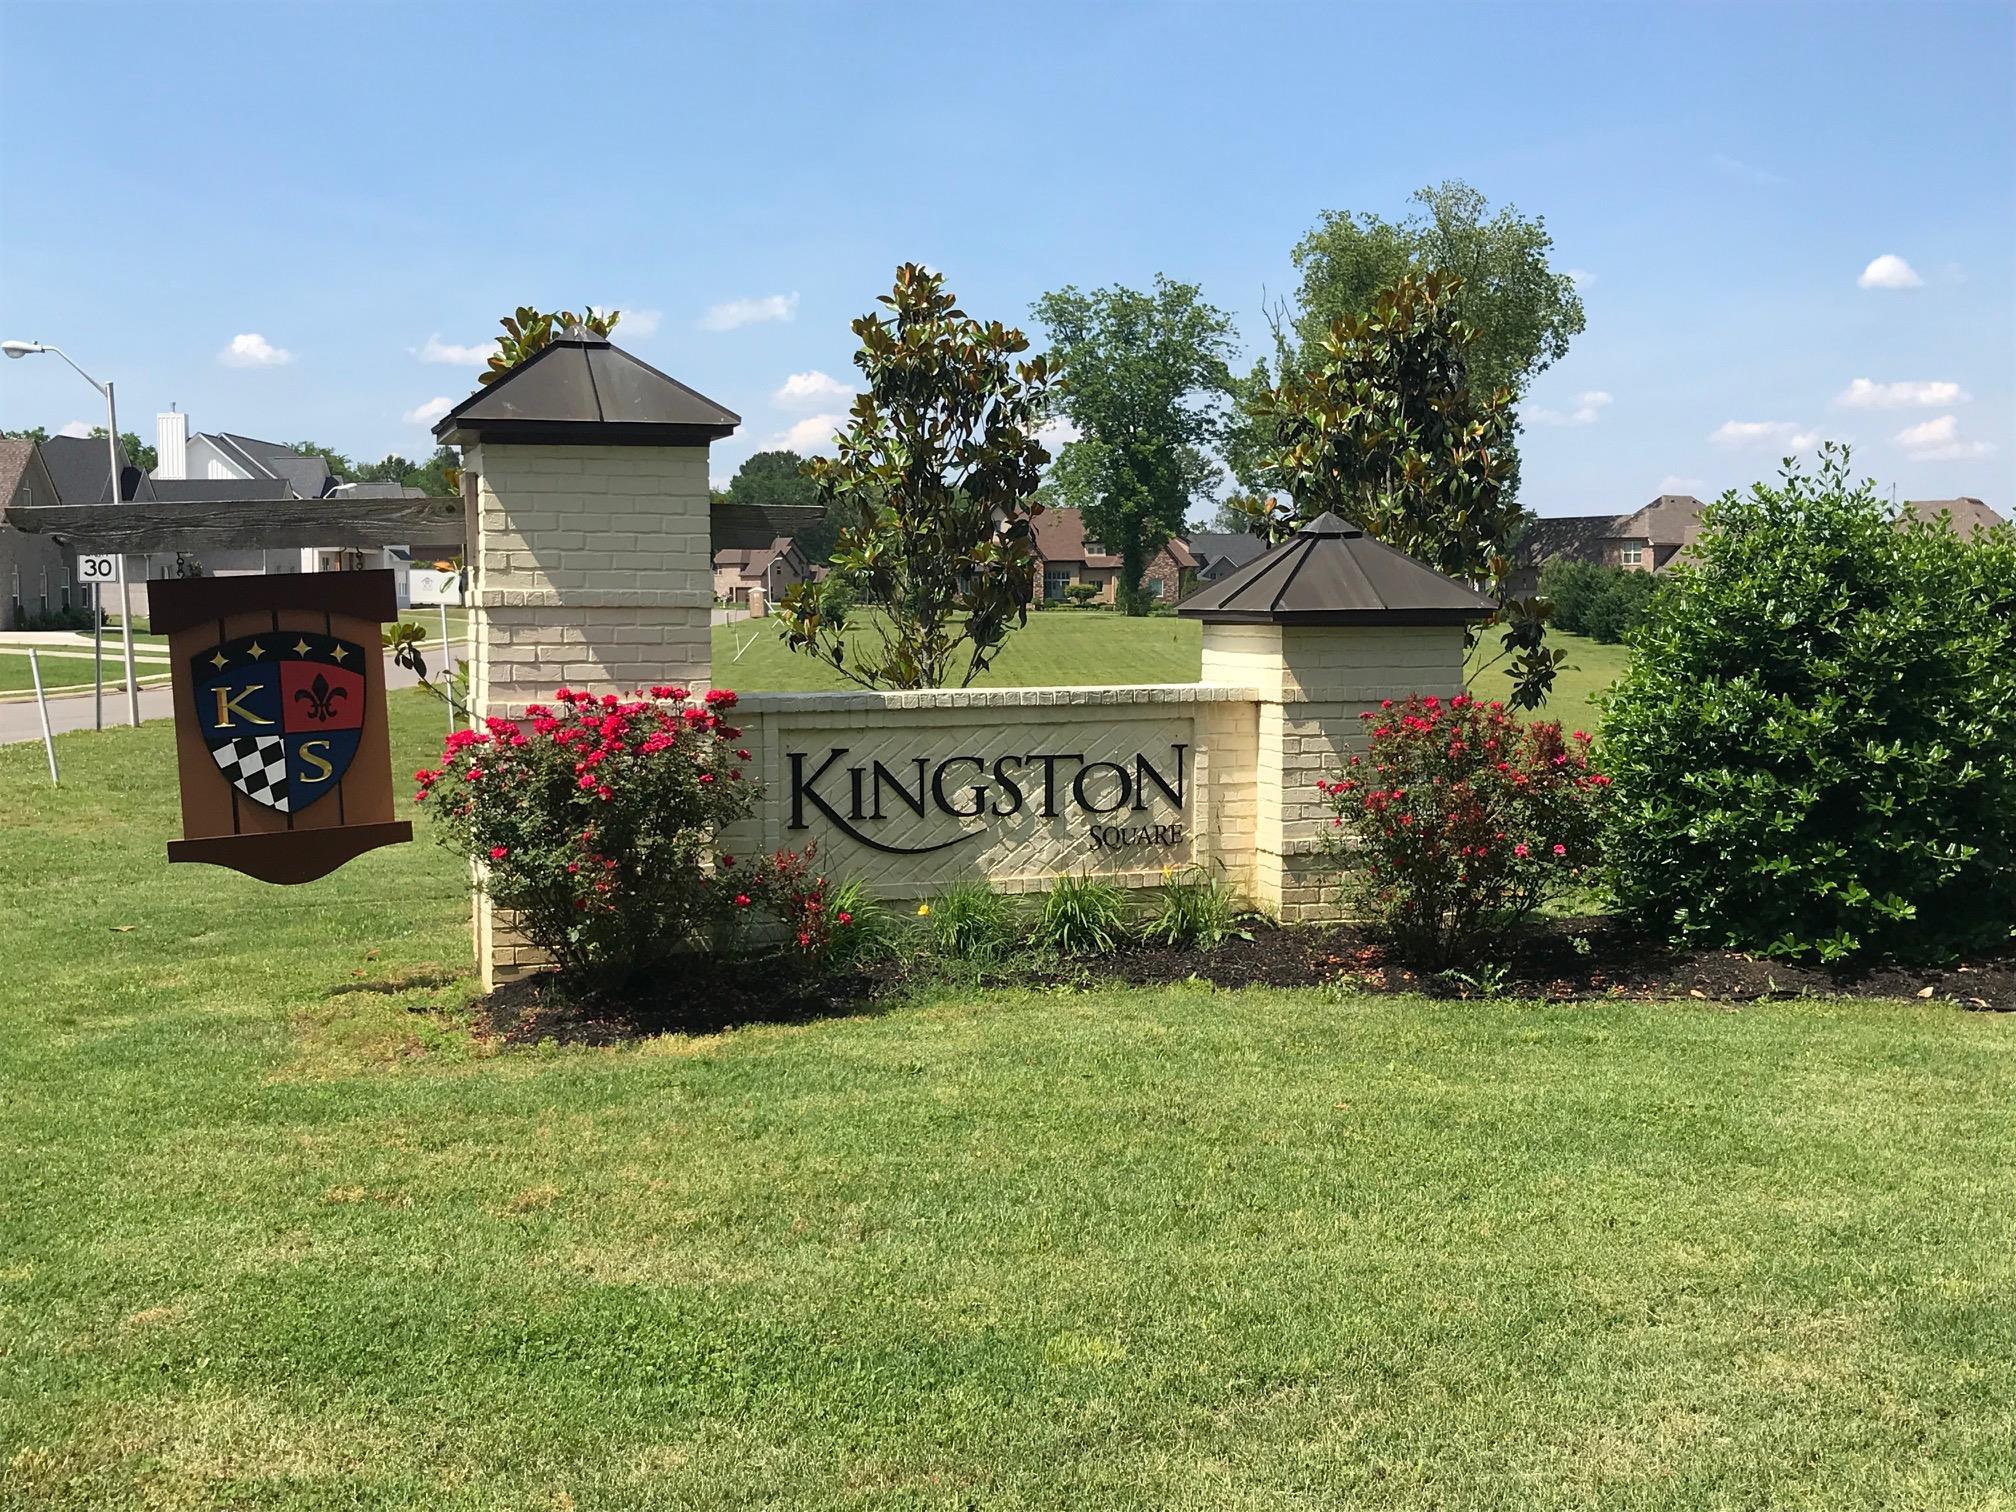 908 Empire Blvd, Murfreesboro, TN 37132 - Murfreesboro, TN real estate listing